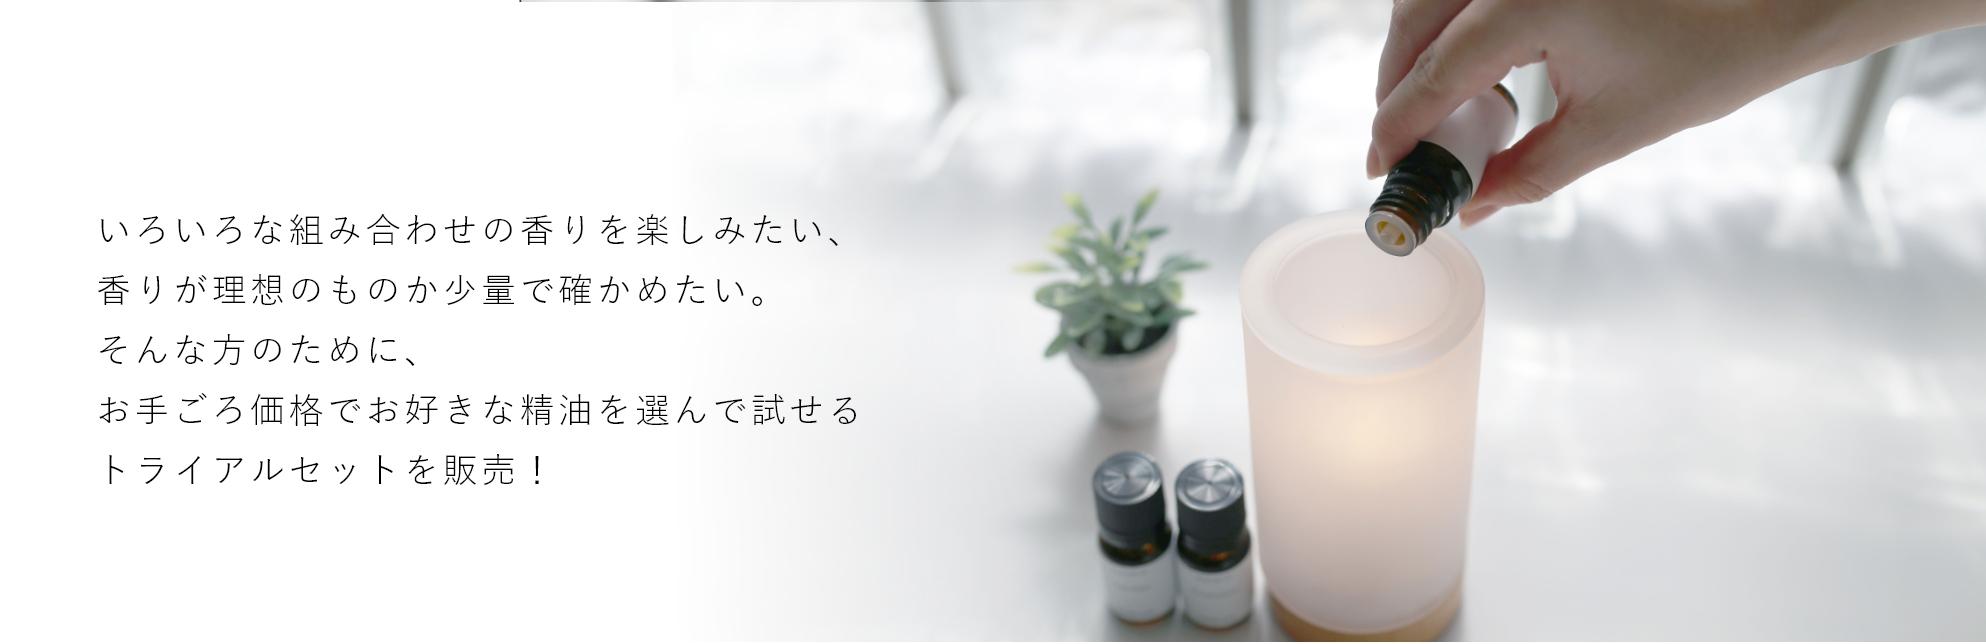 いろいろな組み合わせの香りを楽しみたい、香りが理想のものか少量で確かめたい。そんな方のために、お手頃価格でお好きな精油を選んで試せるトライアルセットを販売